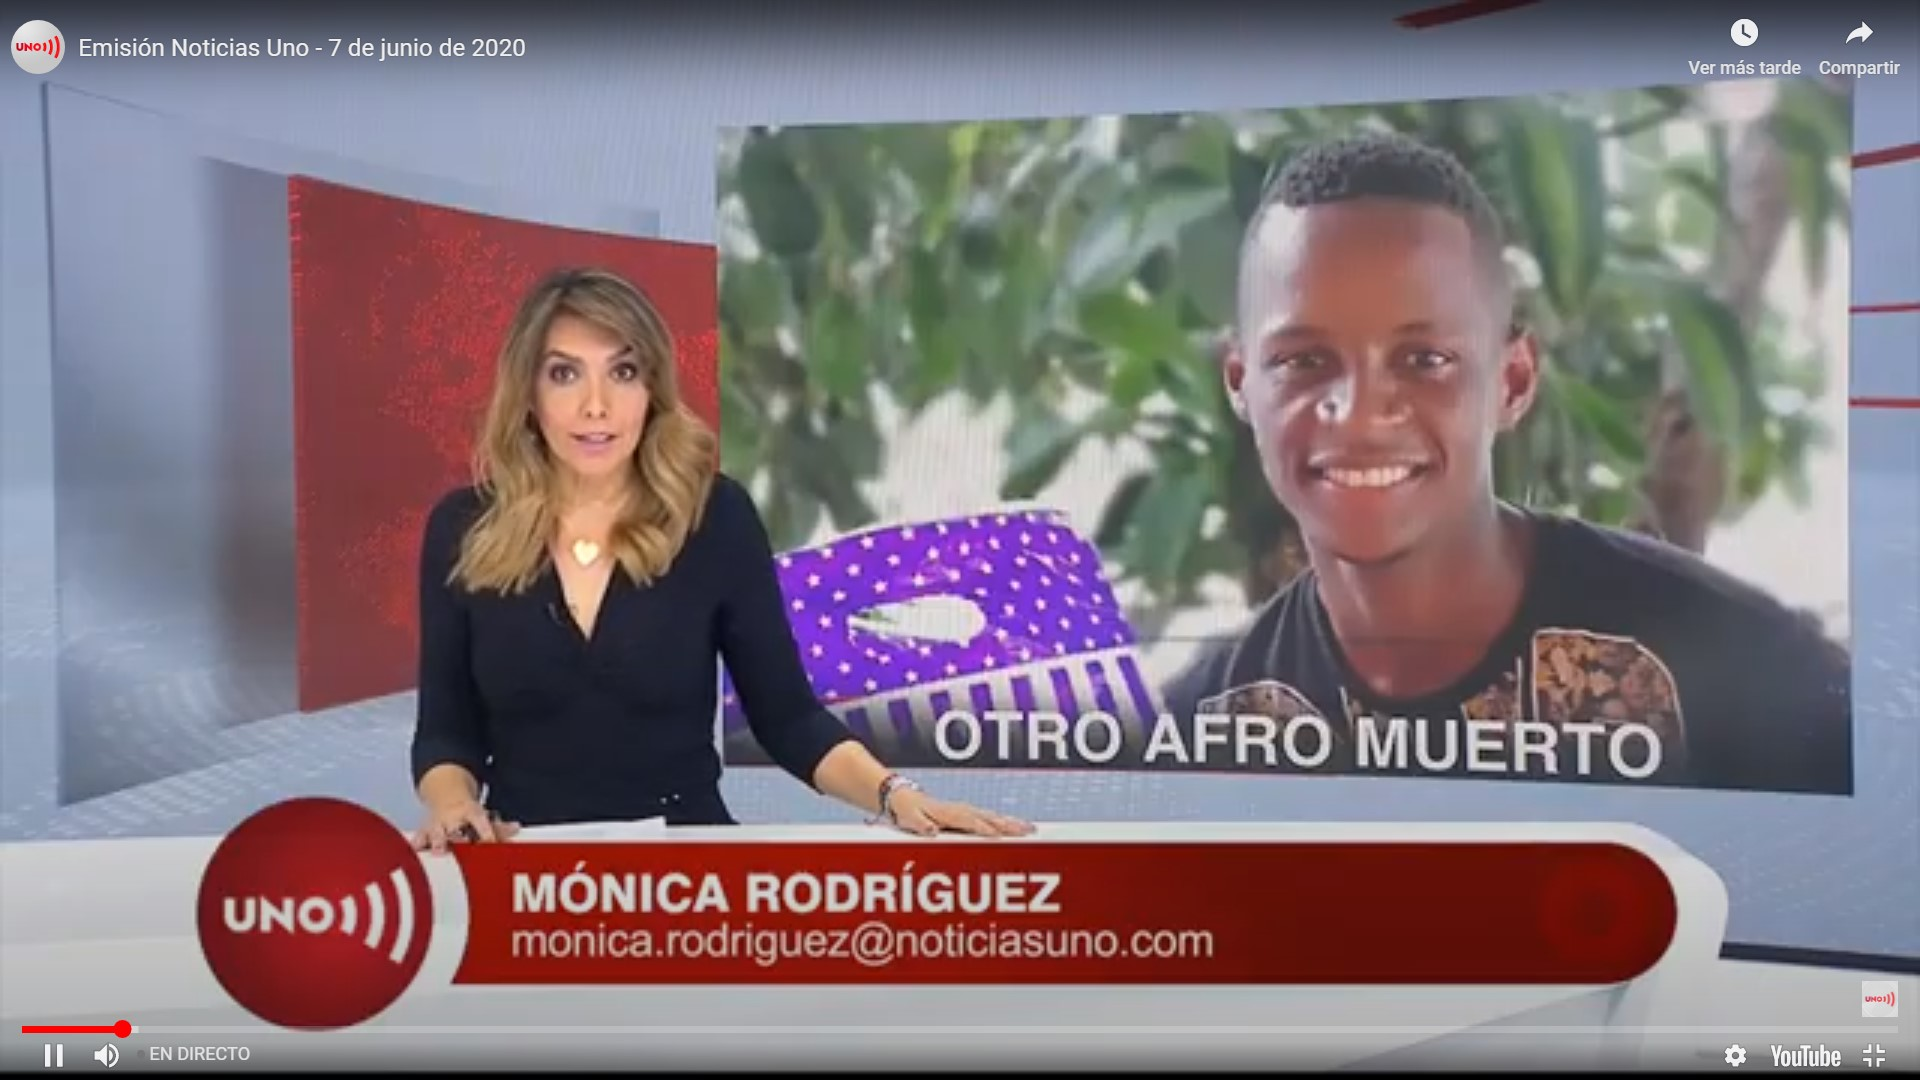 Mónica Rodriguez en Noticias UNO - Valaguelaquesipuedo